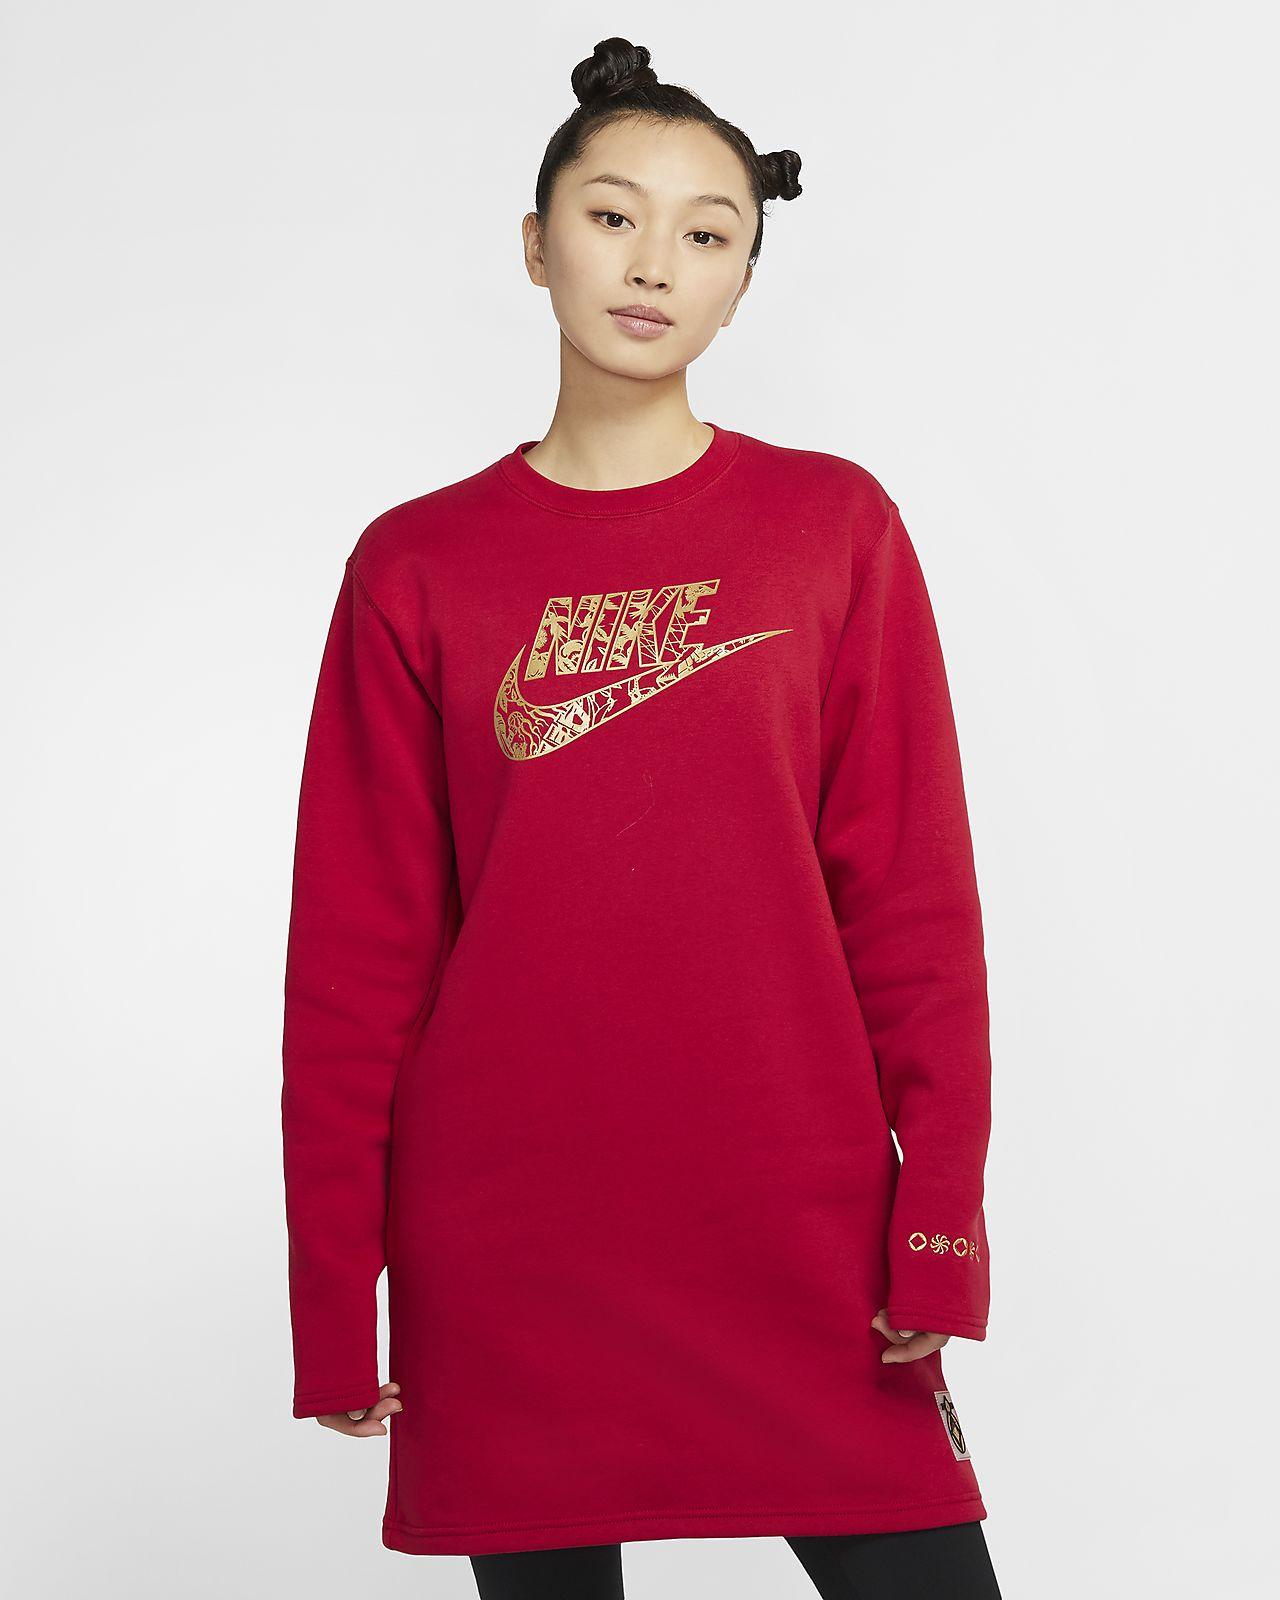 เดรสผ้าฟลีซผู้หญิง Nike Sportswear